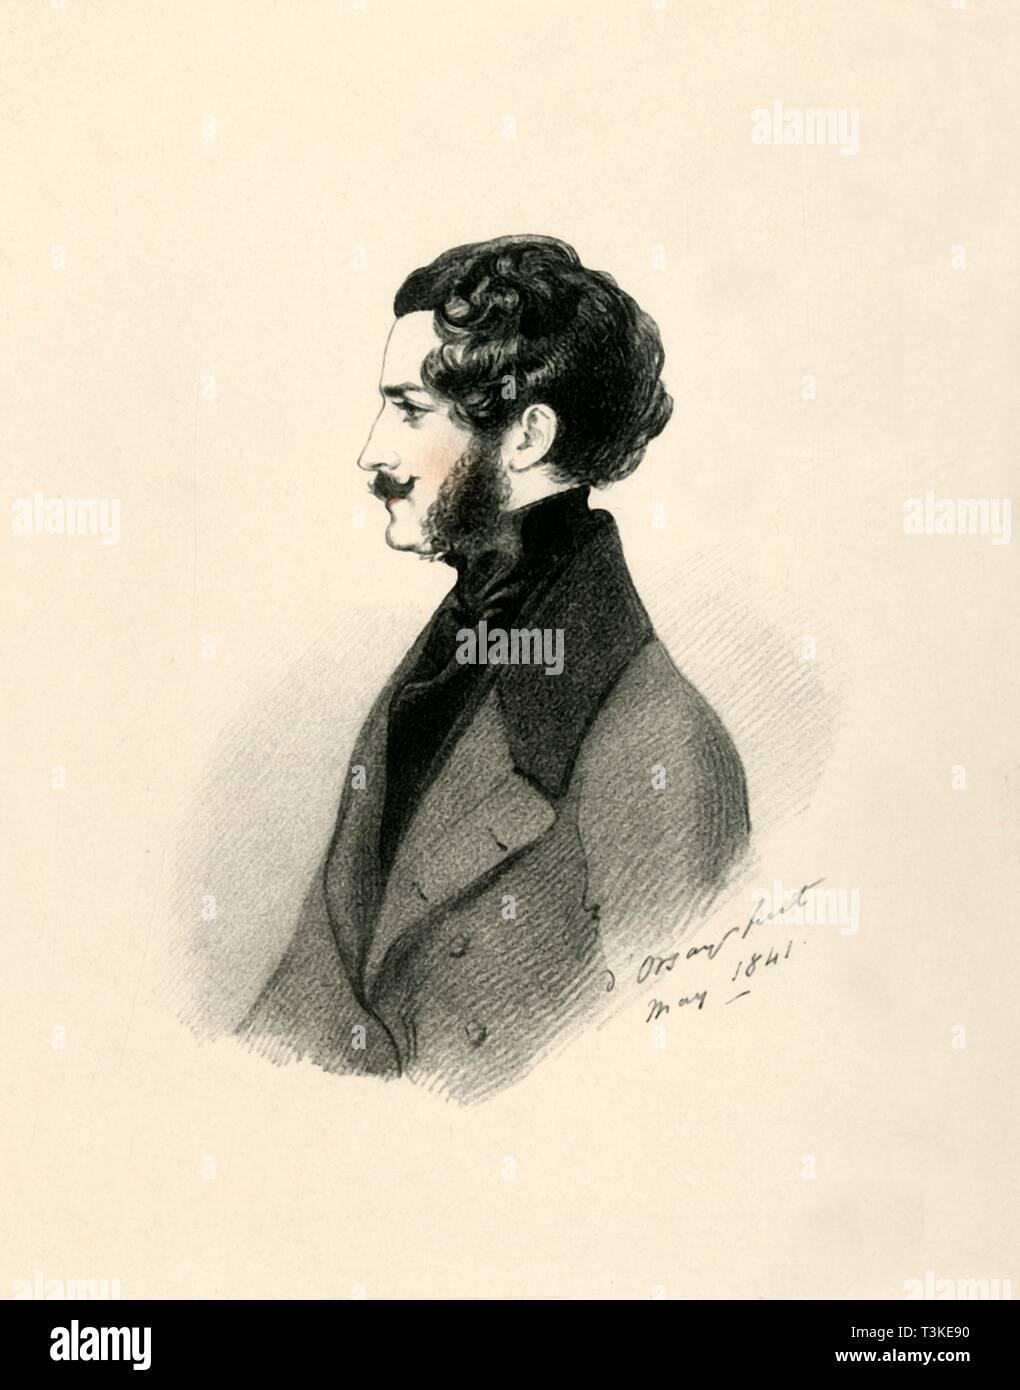 'Edmund St John Mildmay', 1841. Creator: Richard James Lane. - Stock Image